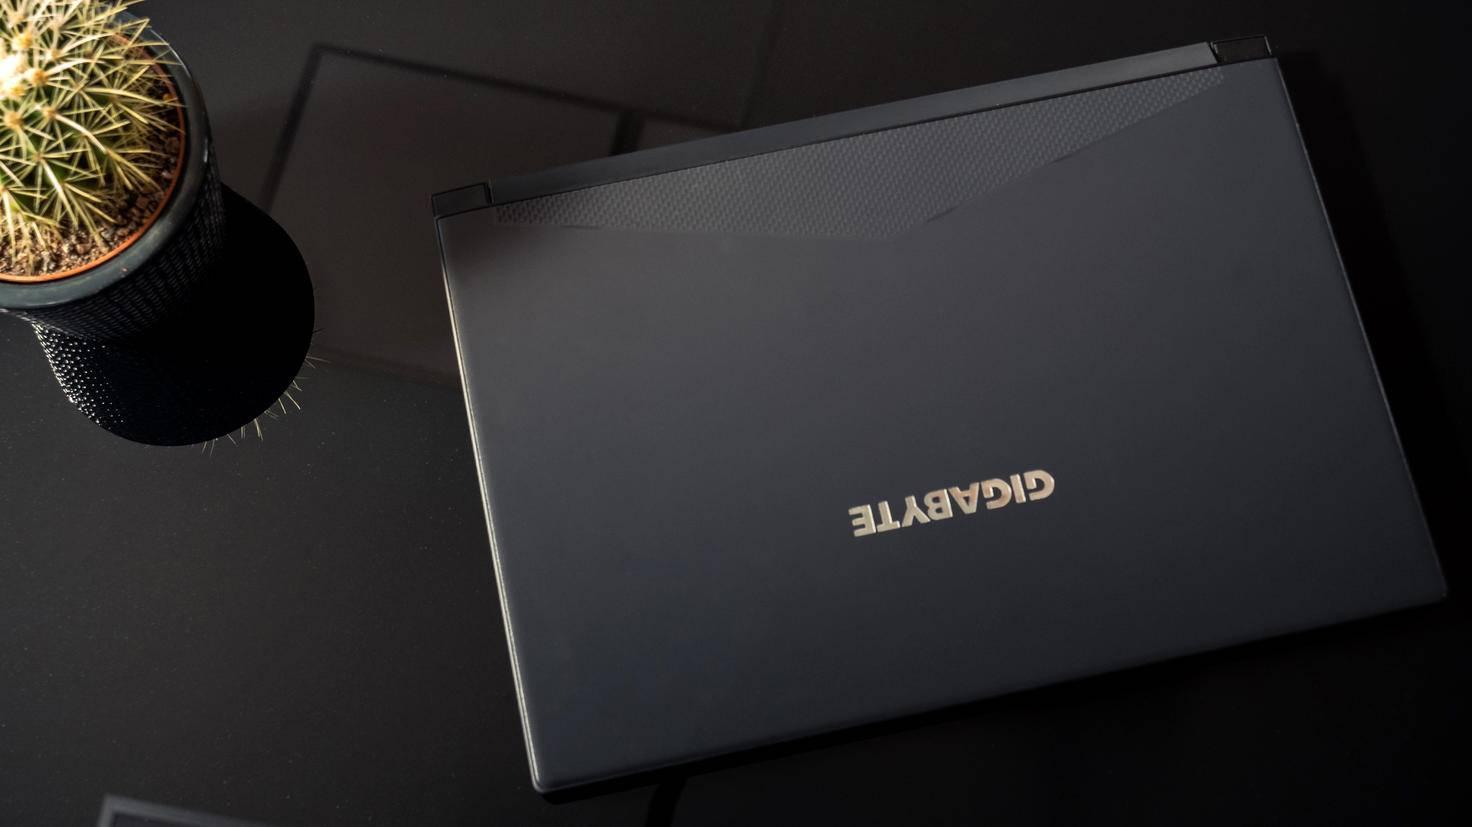 Gigabyte-Aero-15X-Gaming-Laptop-0